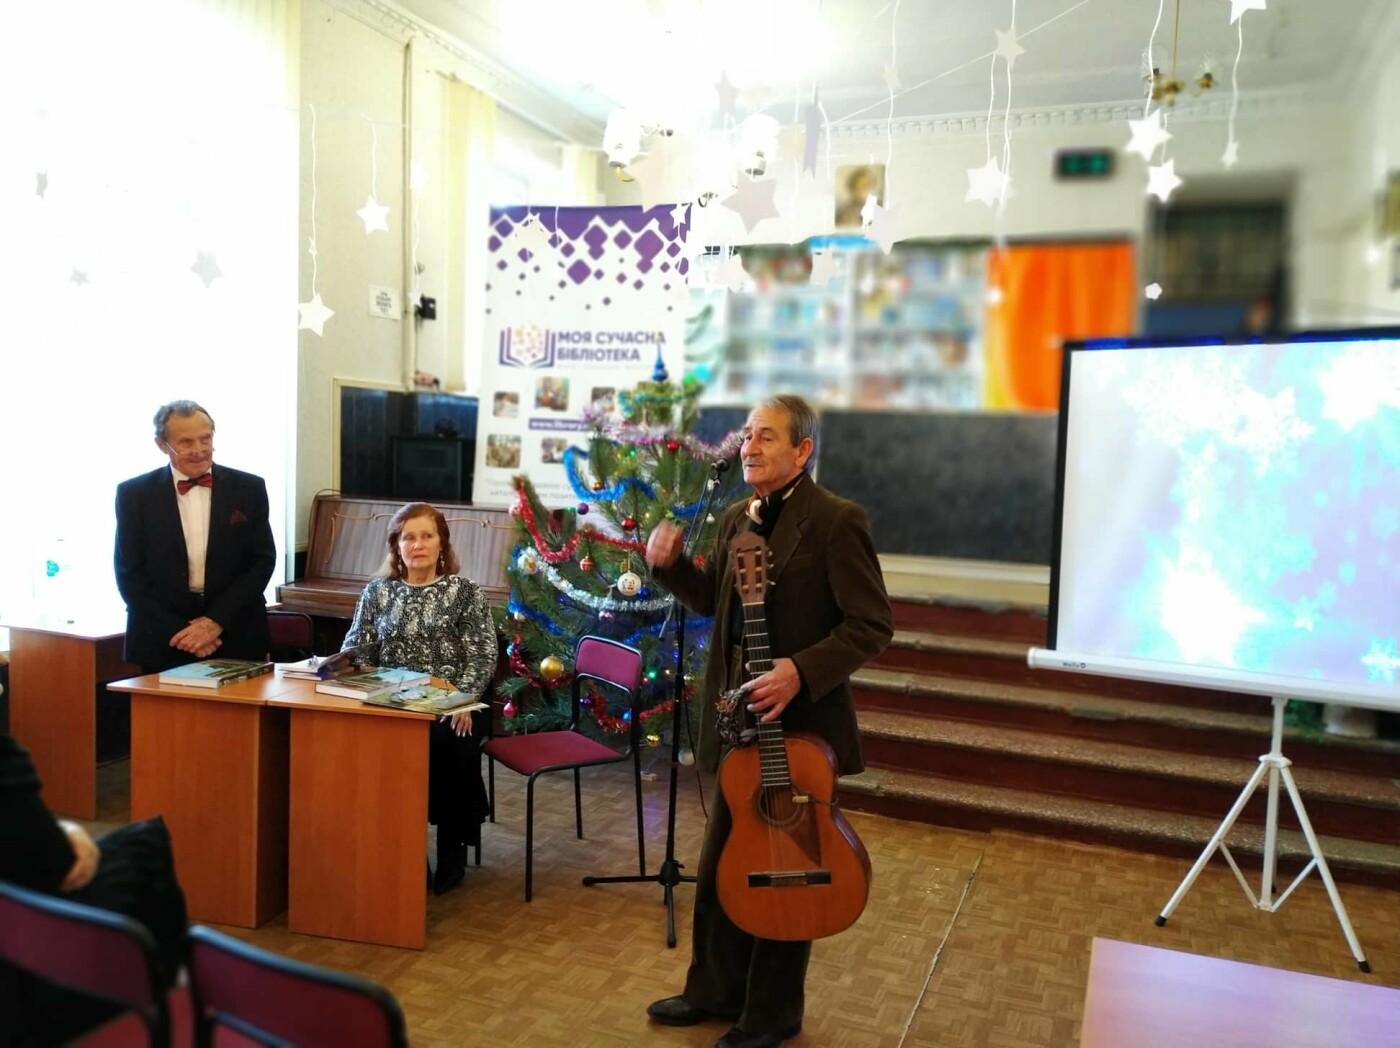 Мелитопольский писатель устроил встречу с читателями, - ФОТО, фото-2